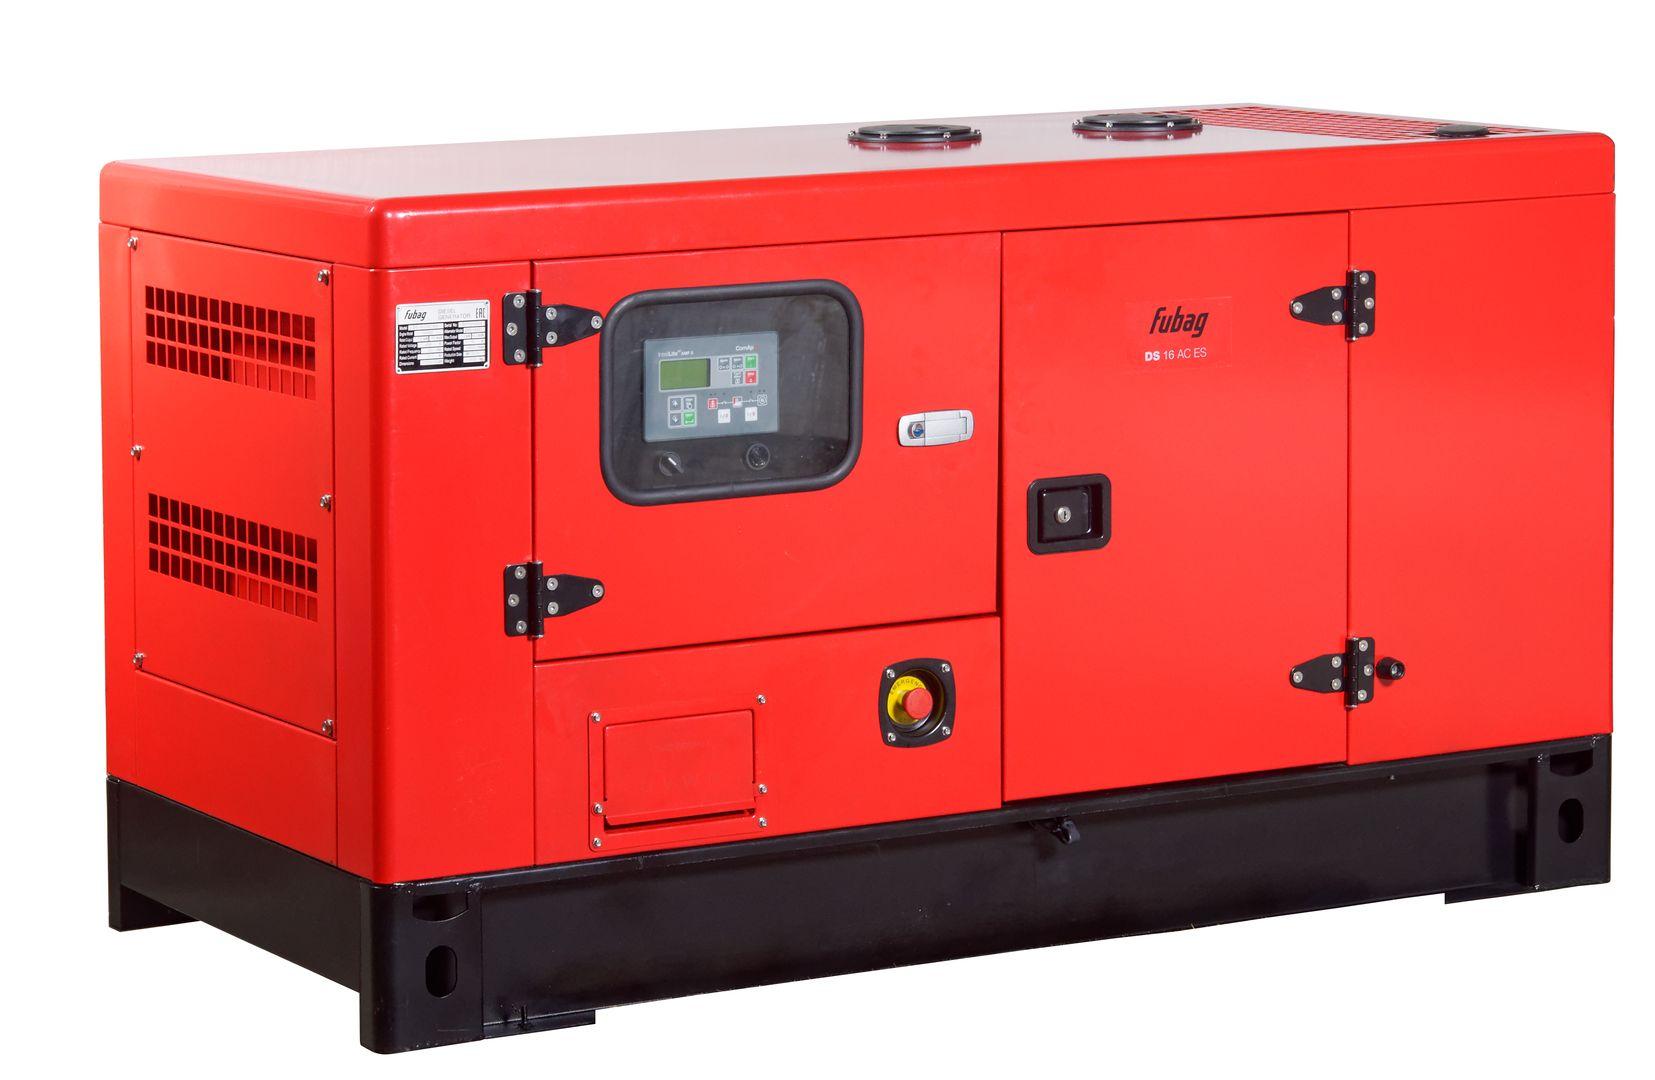 Дизельный генератор (электростанция) FUBAG DS 16 AC ES